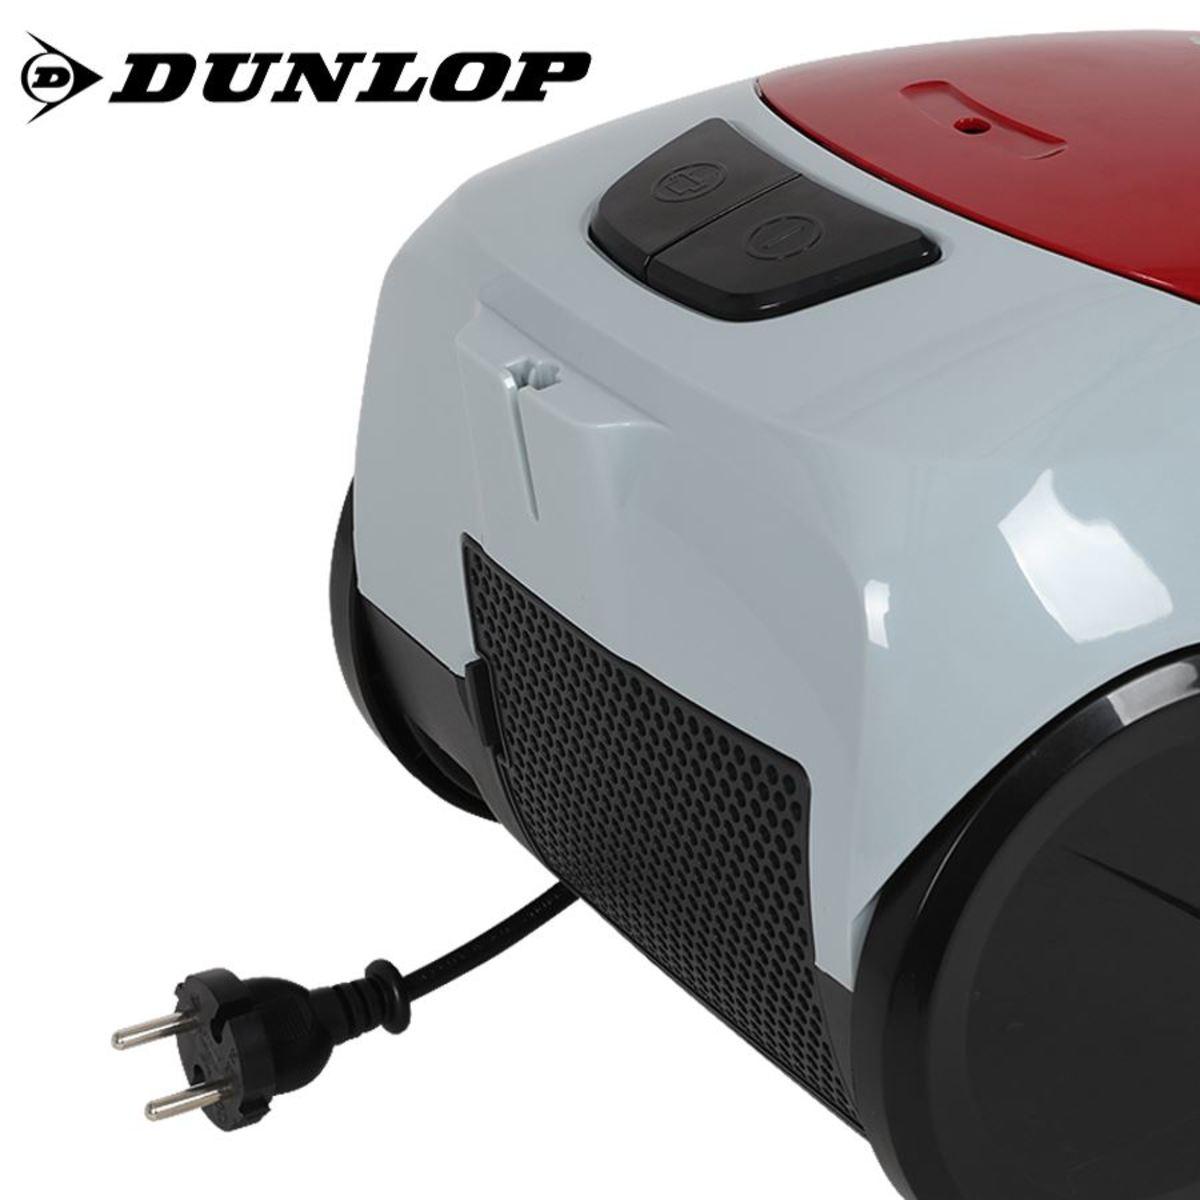 Bild 4 von Dunlop Beutel-Staubsauger VCH3002D-GS